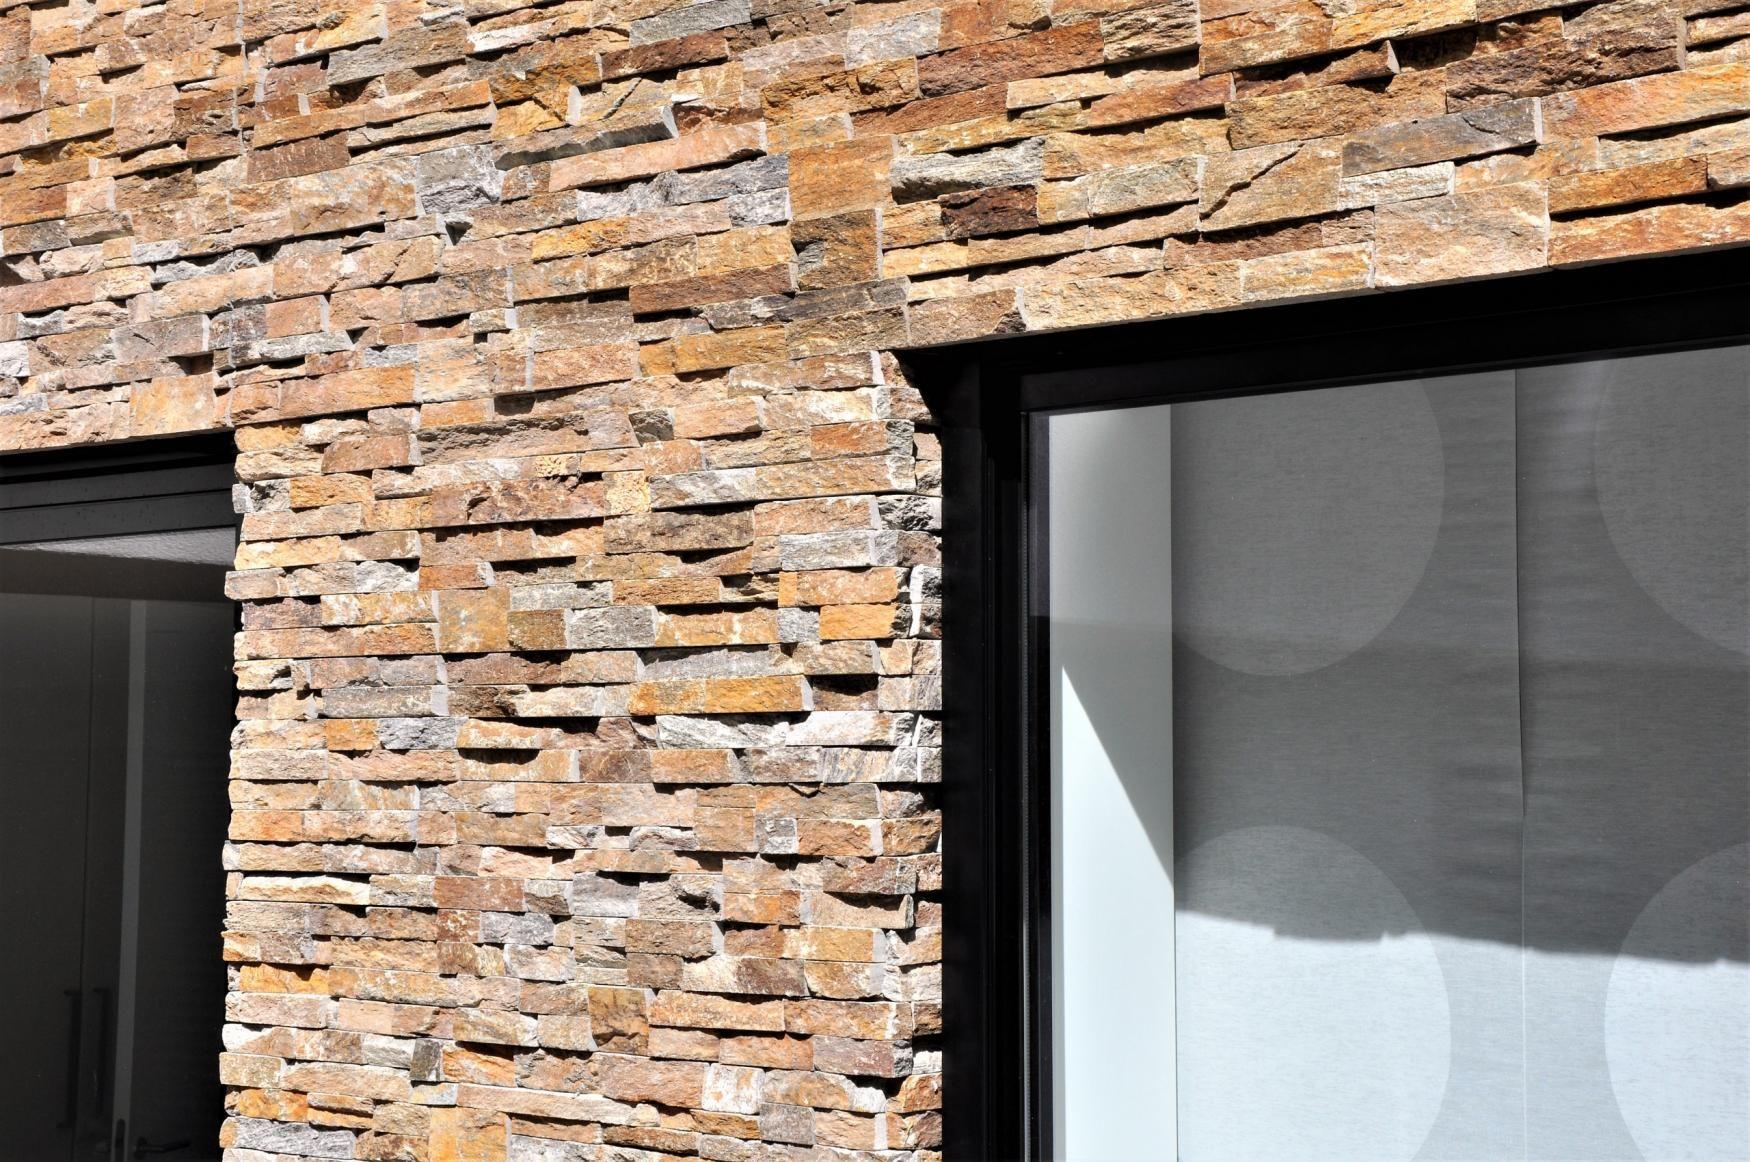 Steenstrips Baksteen Buiten : Steenstrips puur natuursteen binnen en buiten brons rustiek